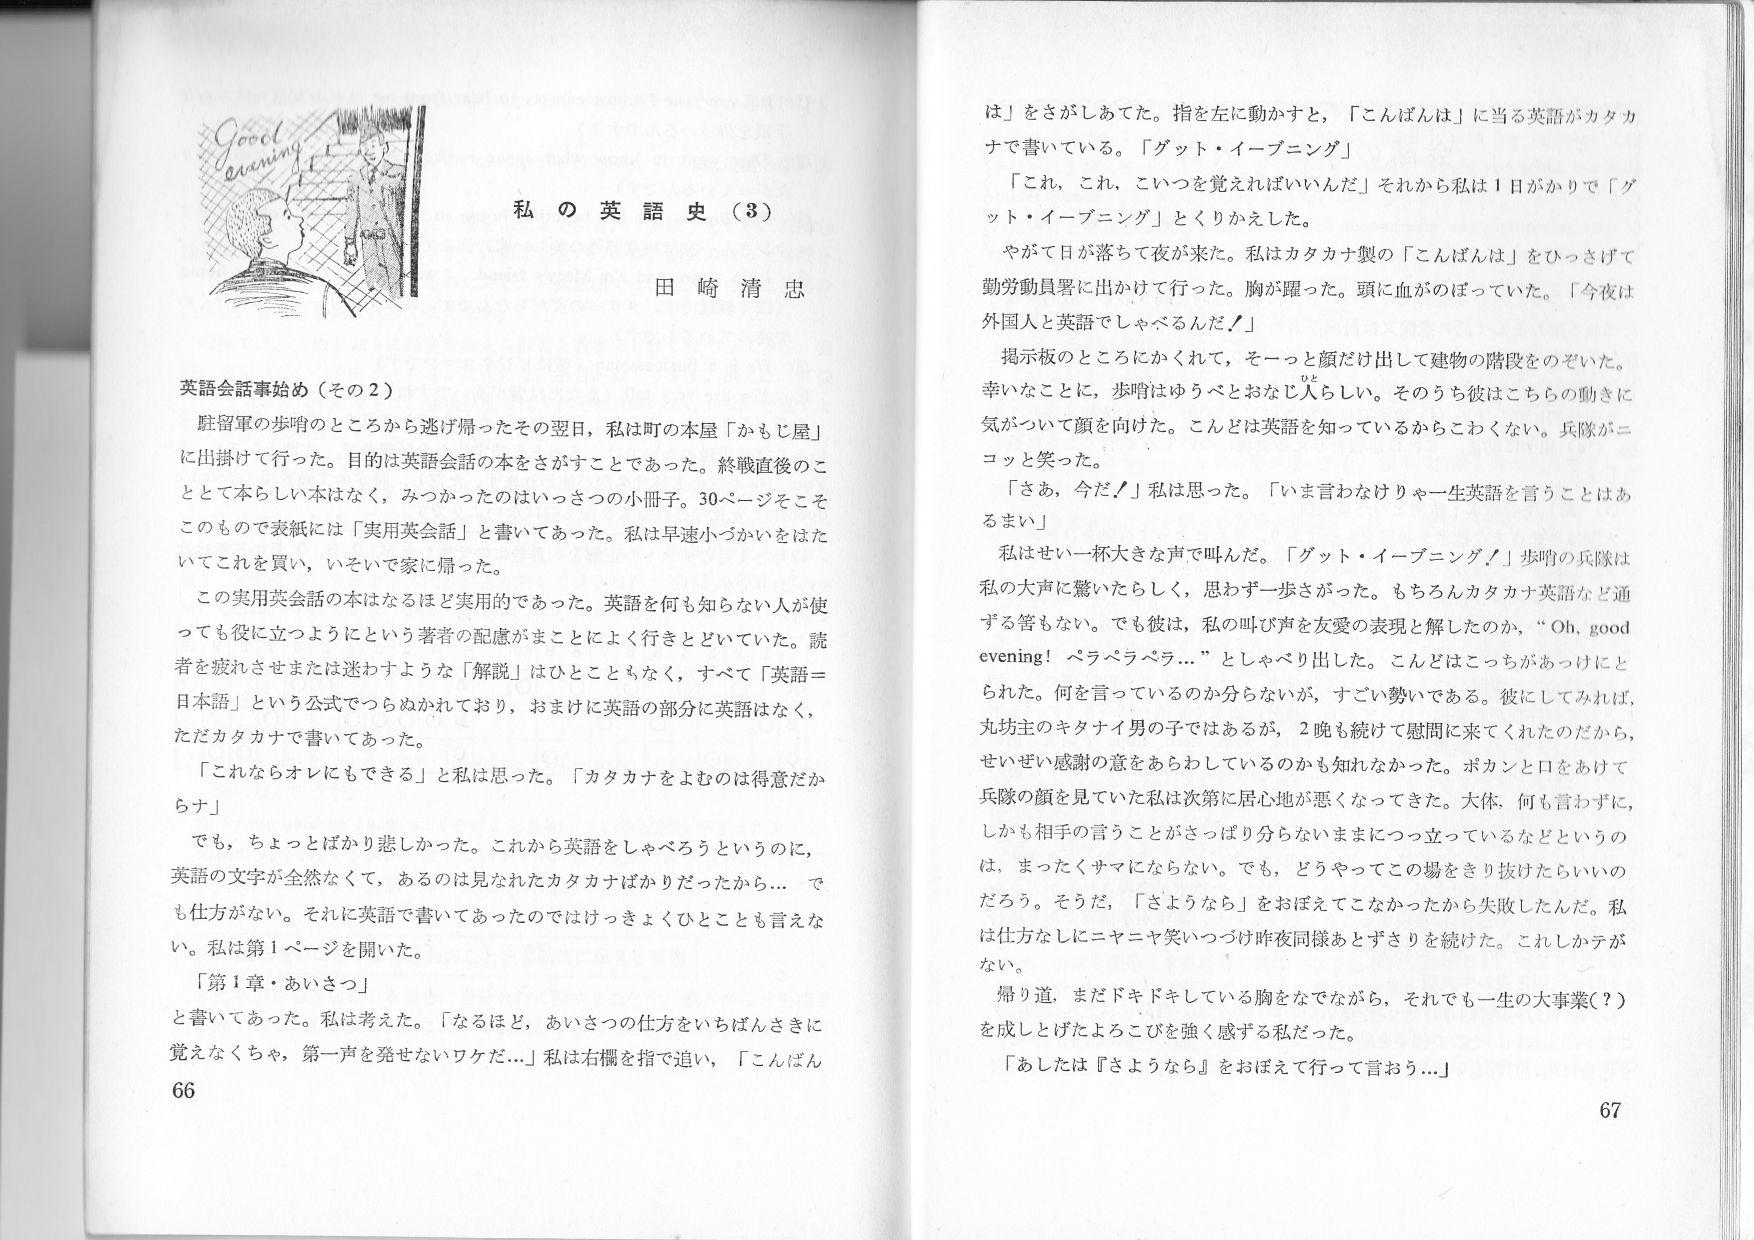 70-5月、6月「テレビ英語会話初級」の連載記事 (14年11月7日)_c0059093_1415234.jpg